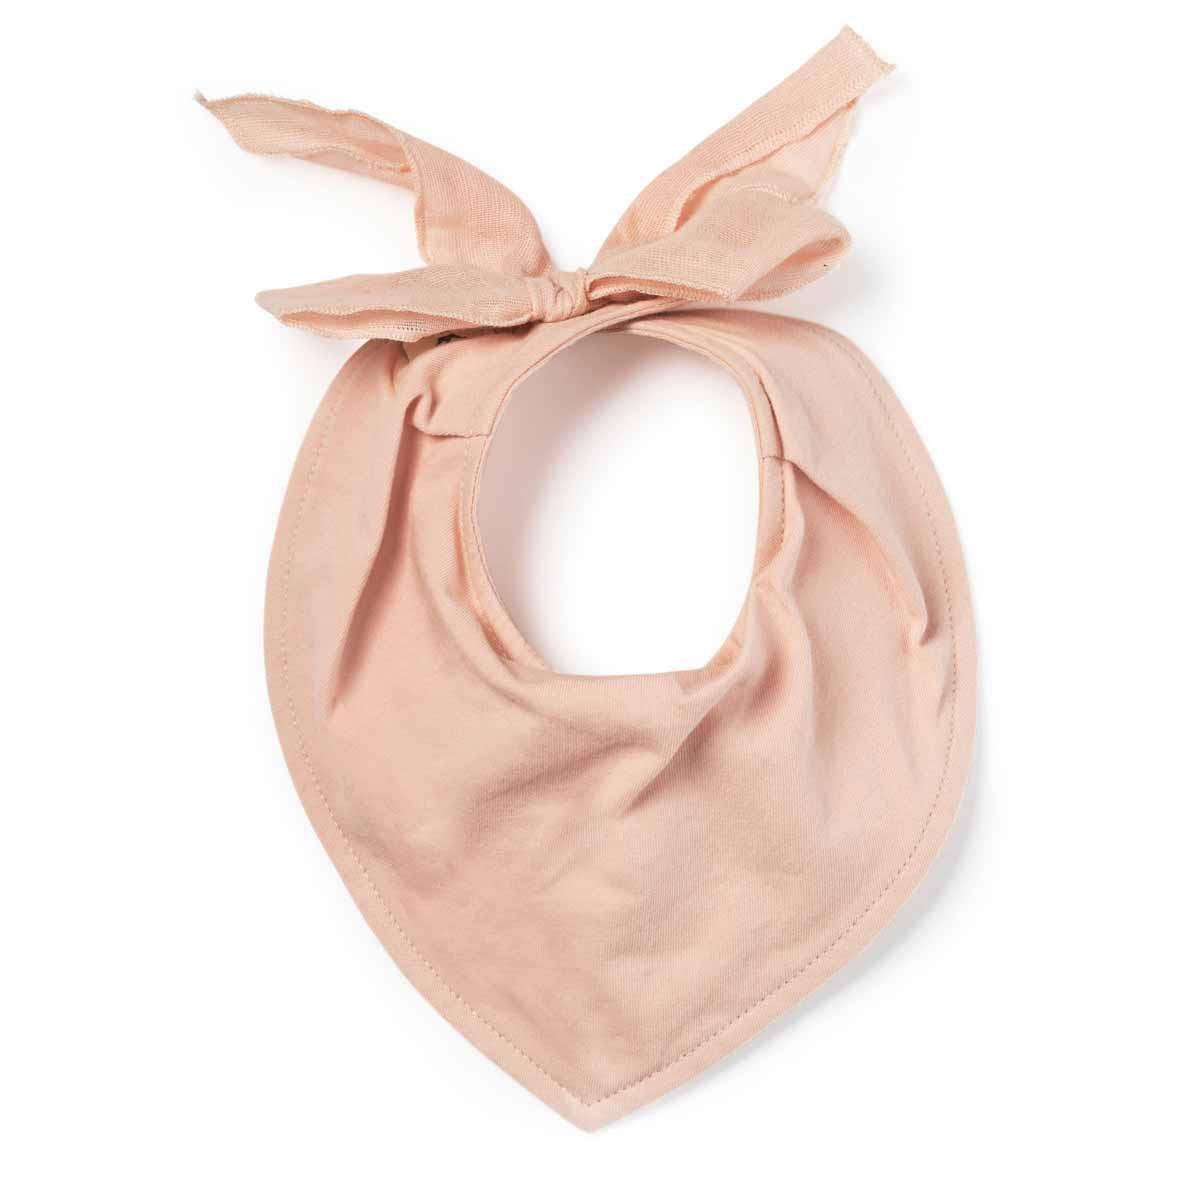 Σαλιάρα-Μπαντάνα Elodie Details Powder Pink BR71514 home   βρεφικά   σαλιάρες βρεφικές